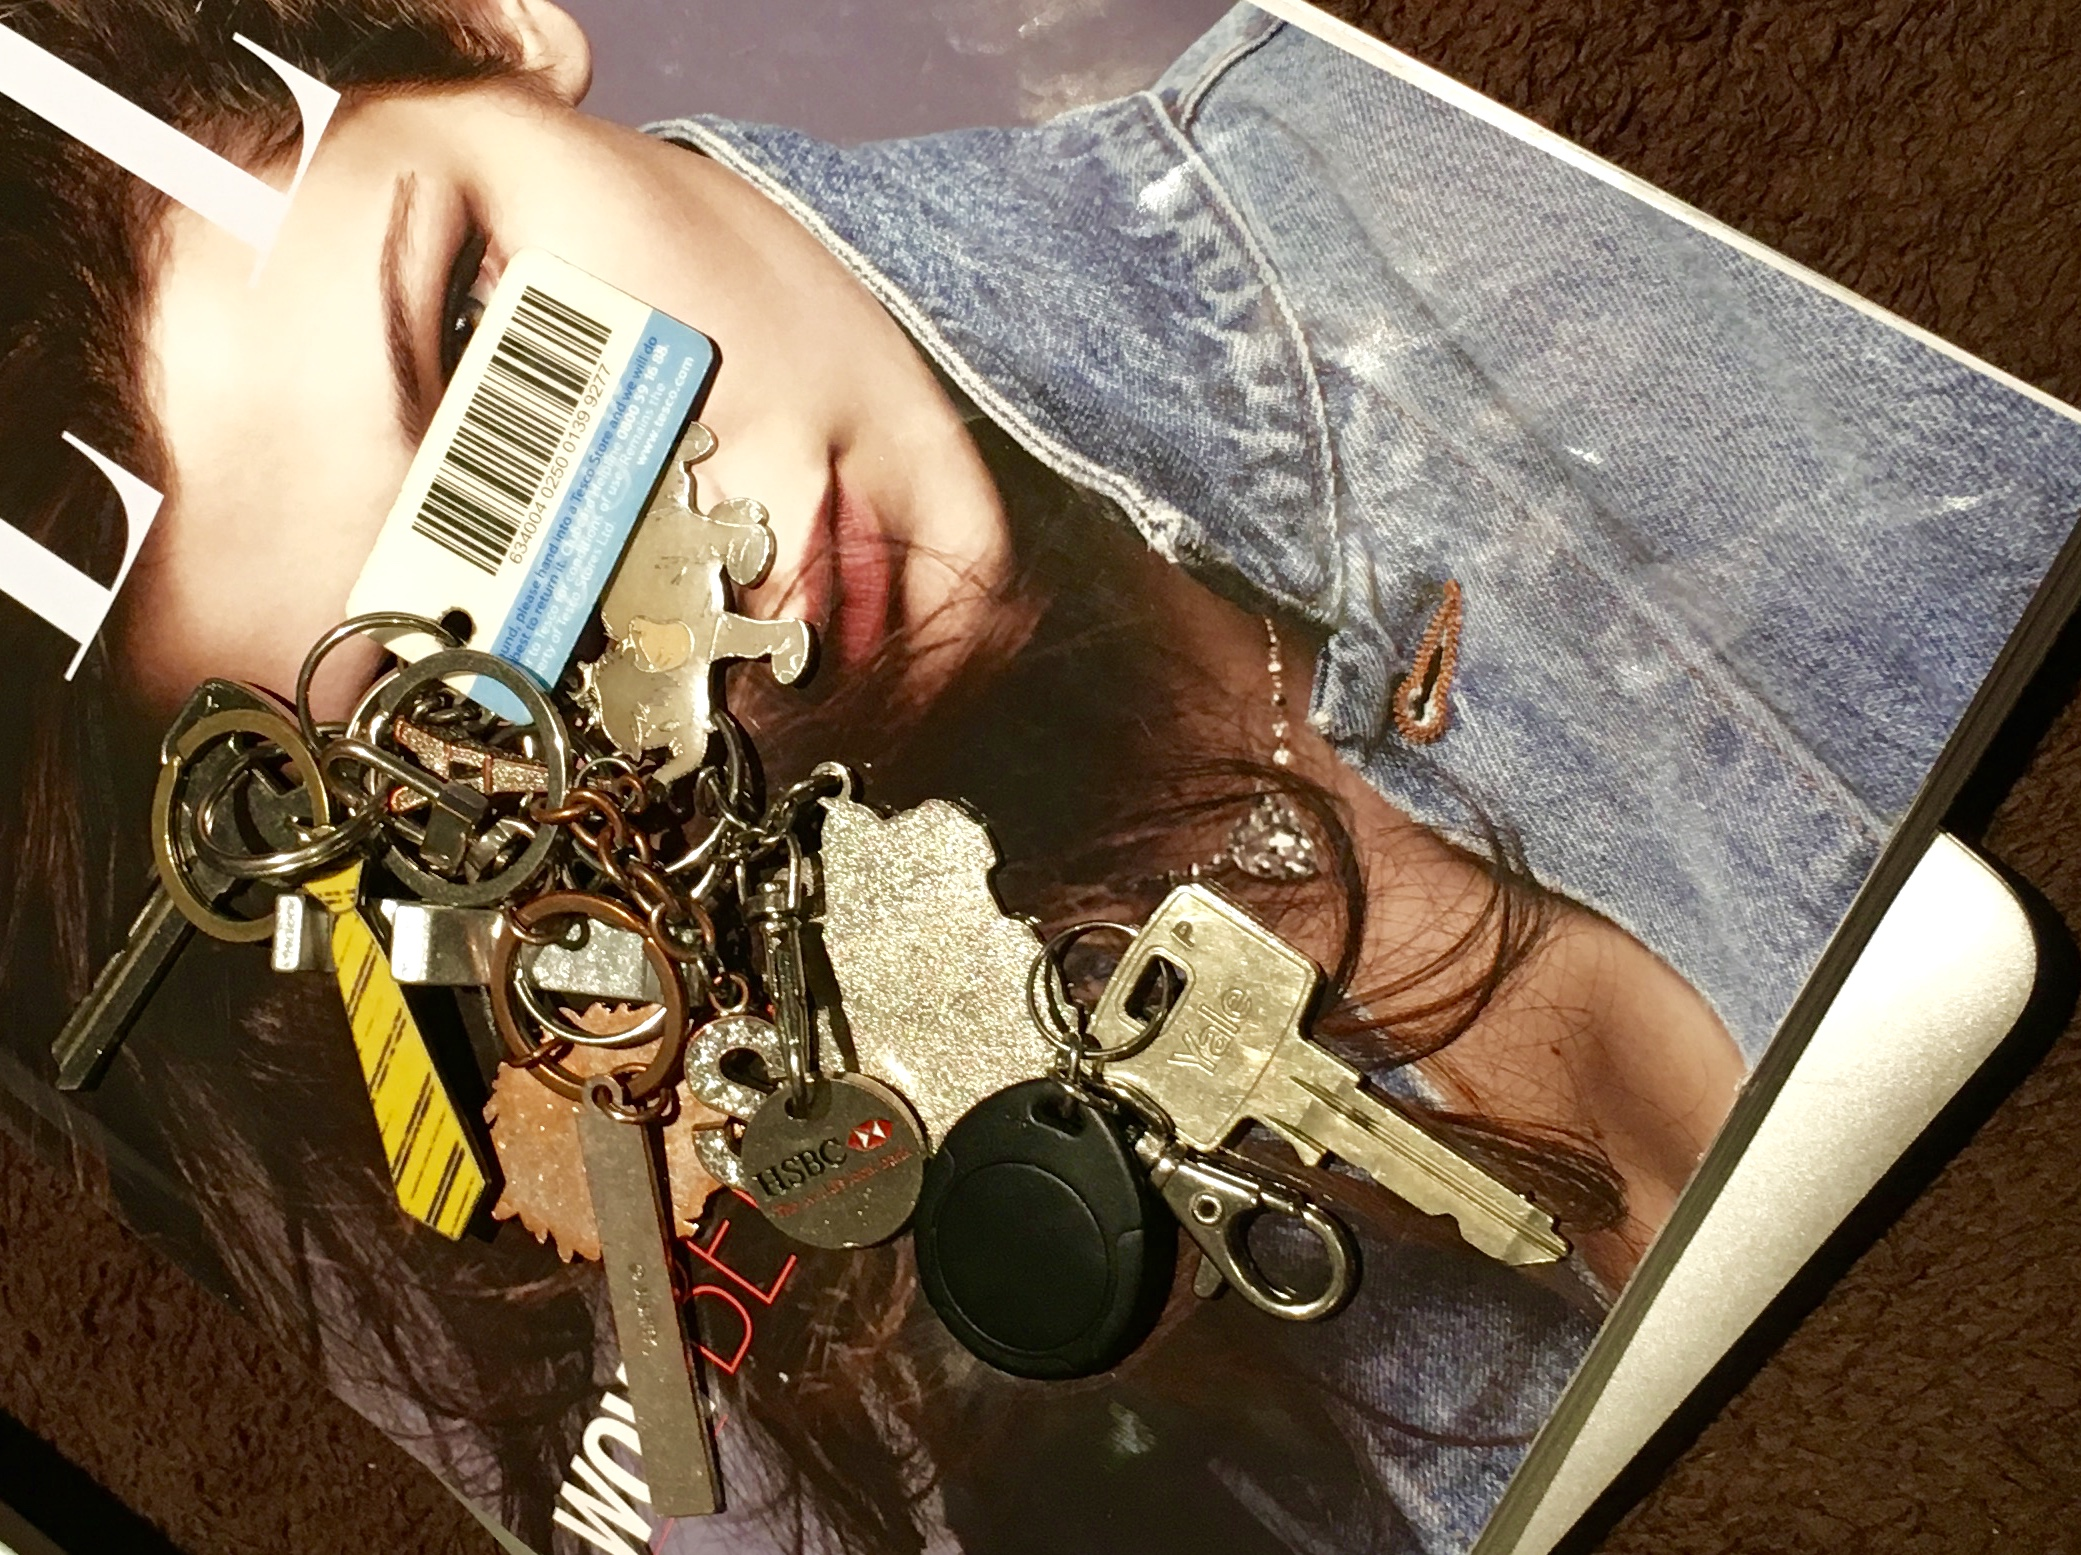 What's in My Bag? - Keys